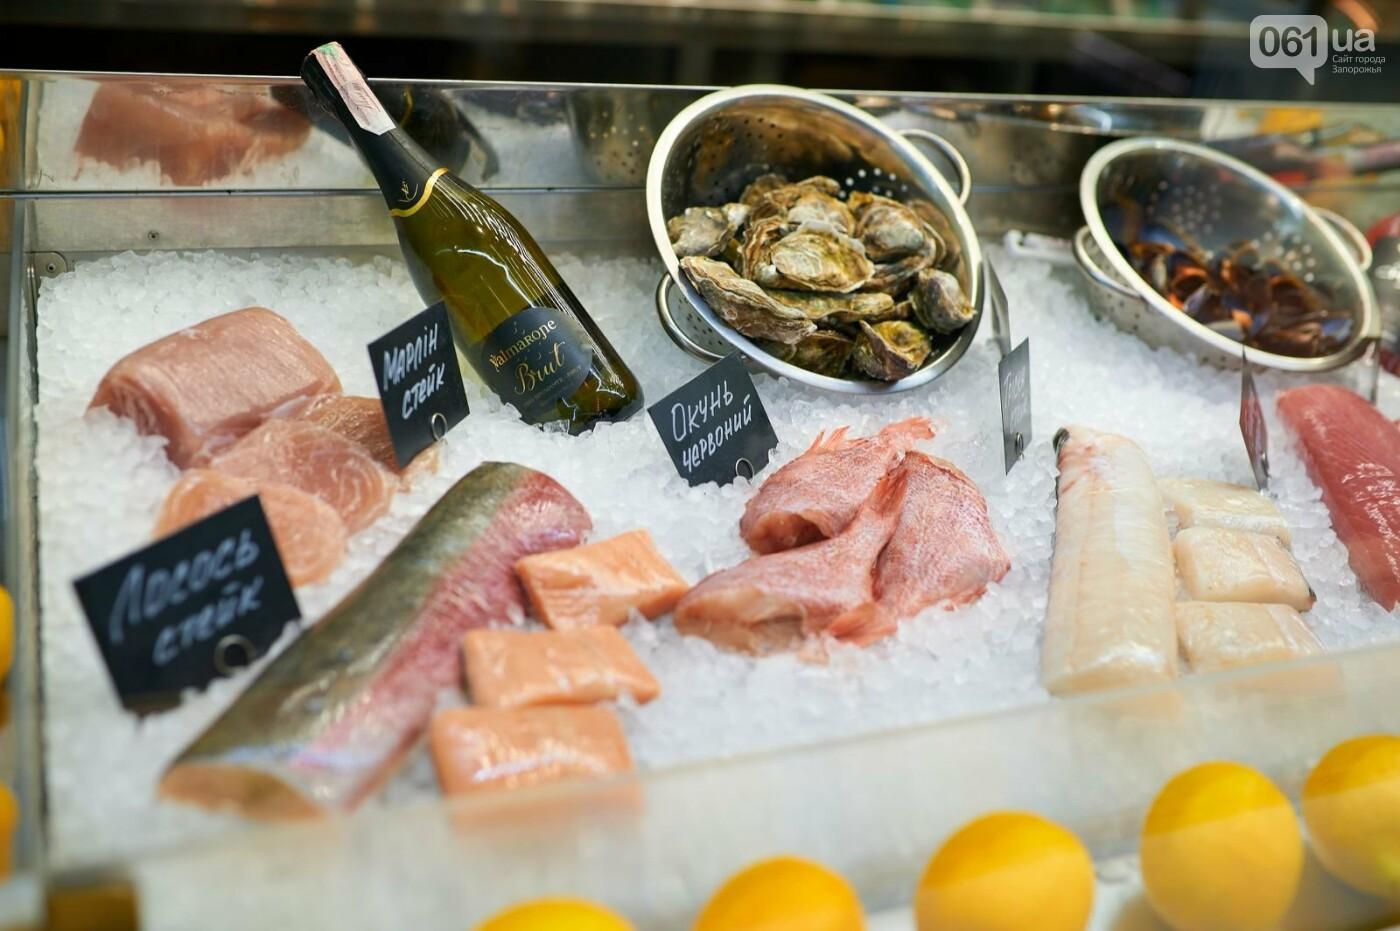 Морские деликатесы по доступной цене!, фото-5